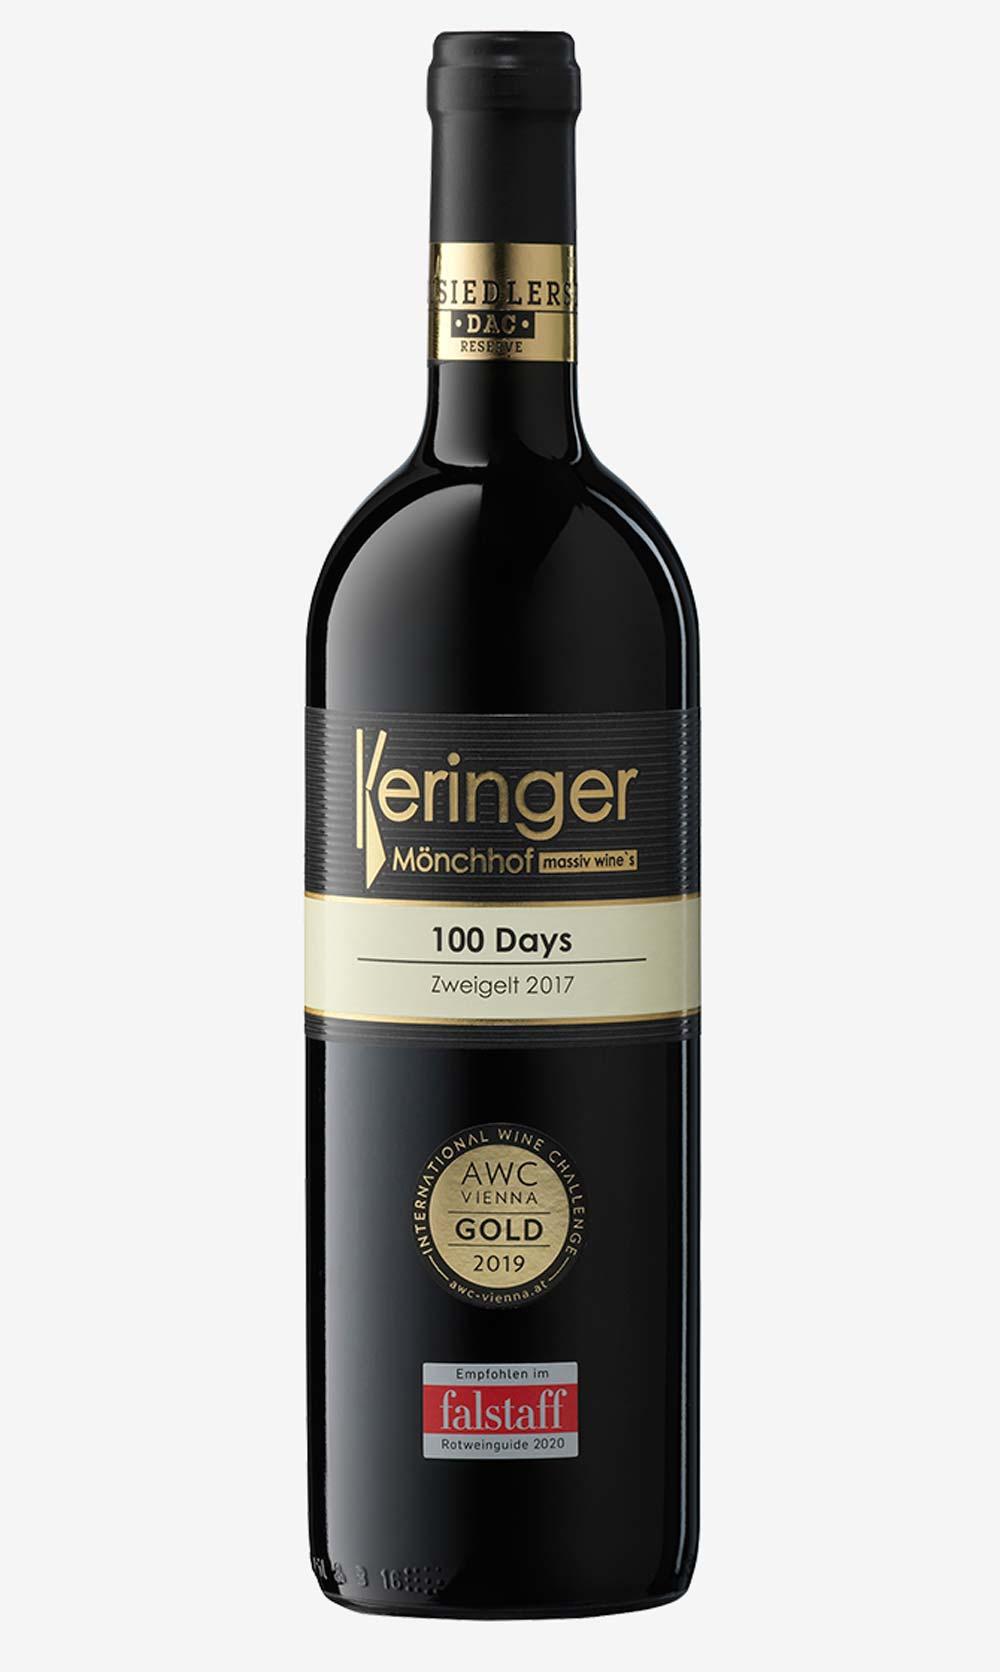 100 Days Zweigelt Weinflasche Keringer